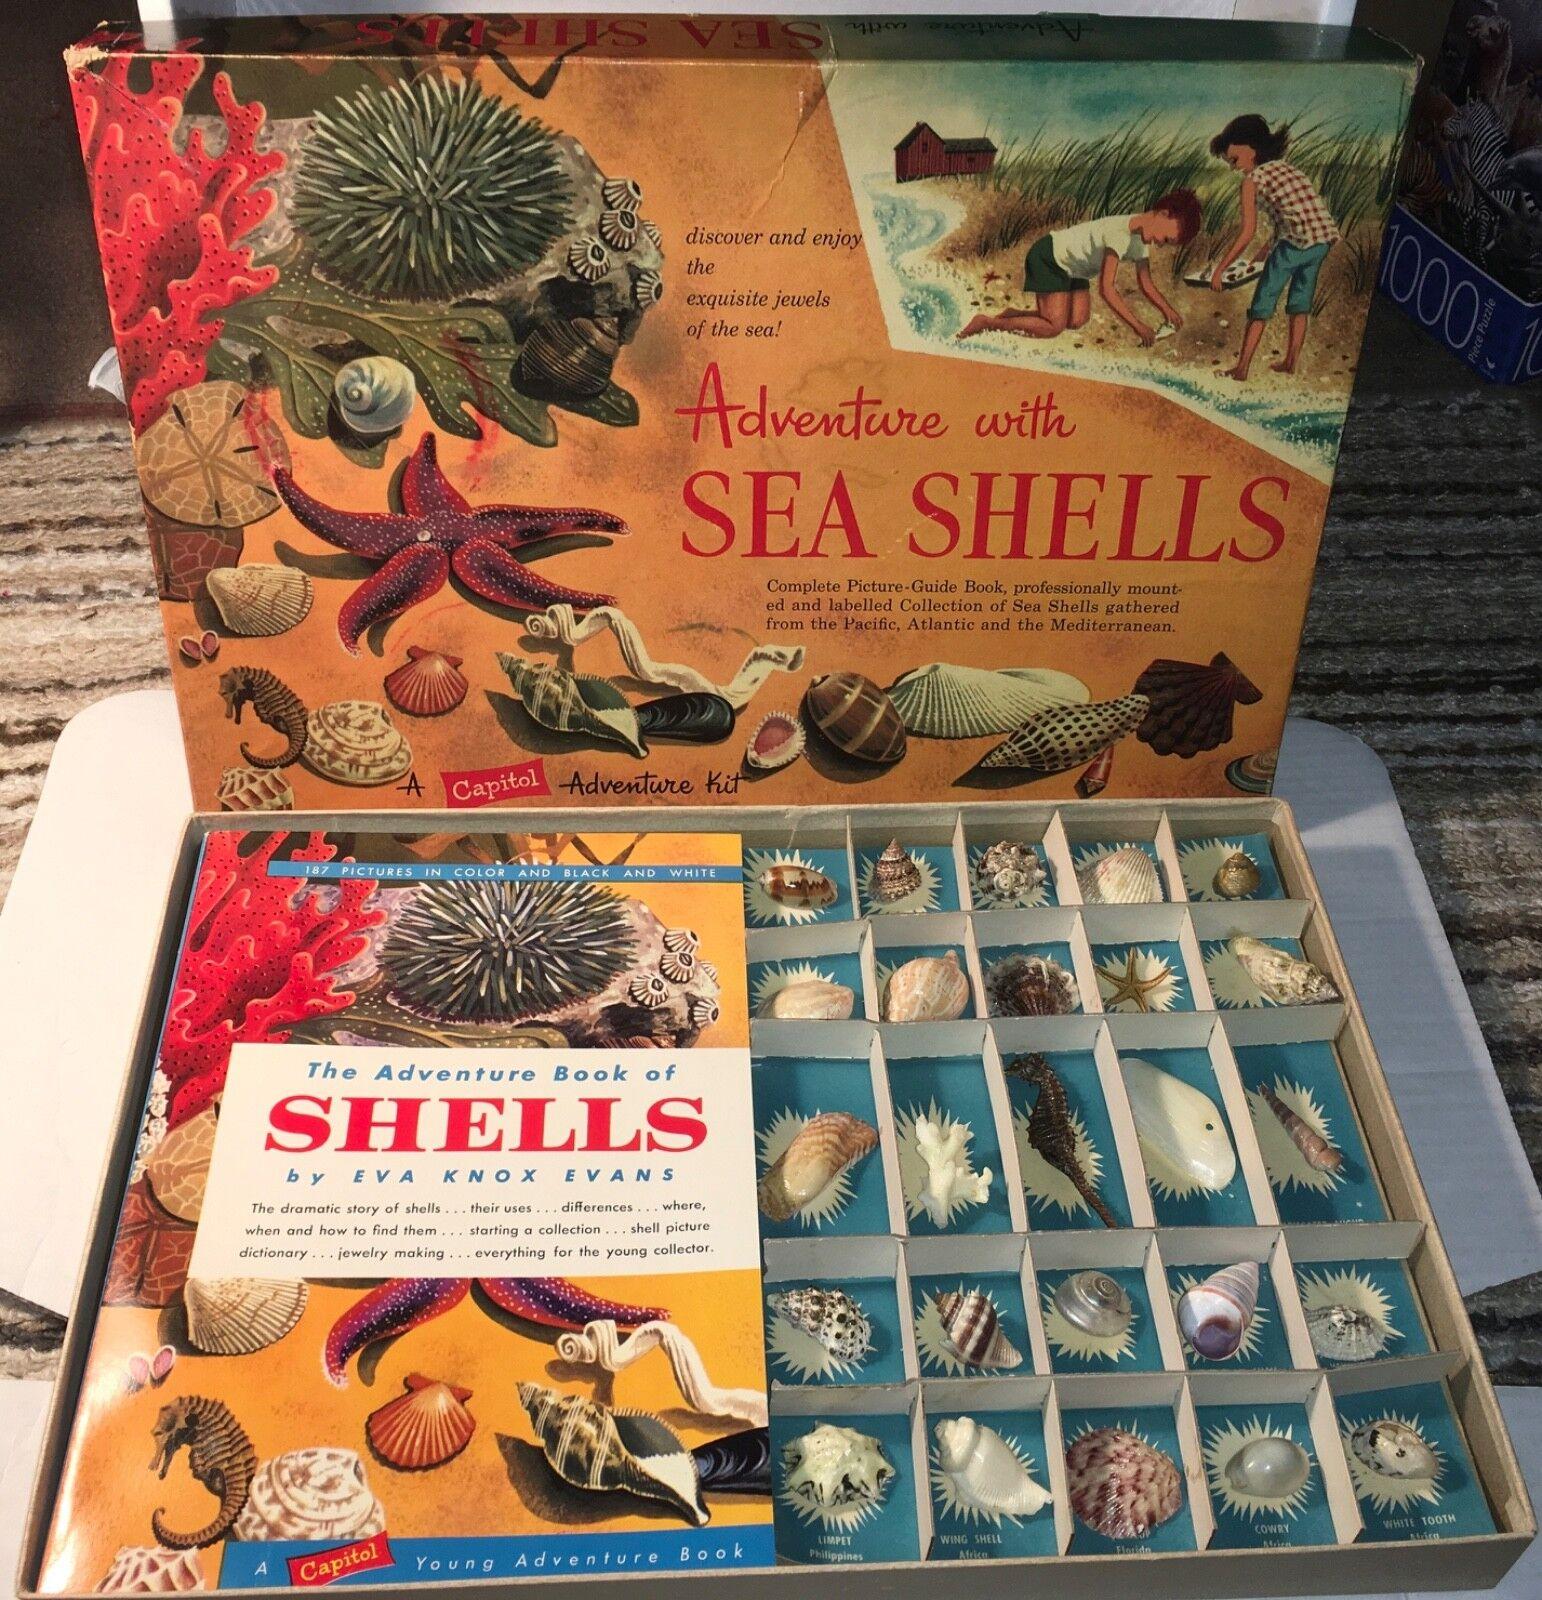 en promociones de estadios 1957 la aventura con con con Sea Shells un Capitol Kit y Libro Simon Schuster aprender diverdeido   las mejores marcas venden barato